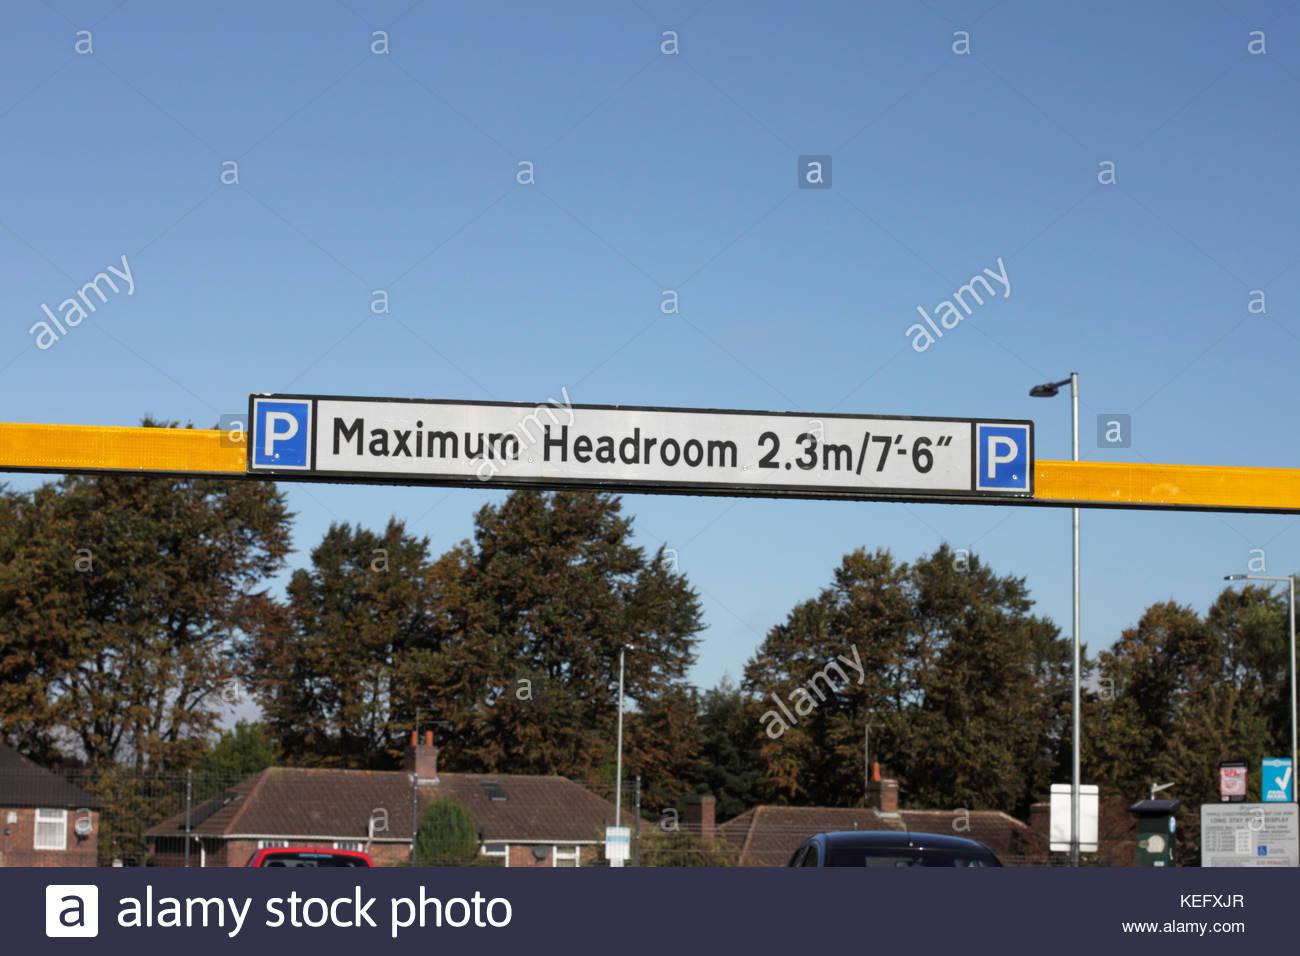 Puissance maximale sur l'inscription de la limitation de hauteur du parking Barrière, UK Photo Stock